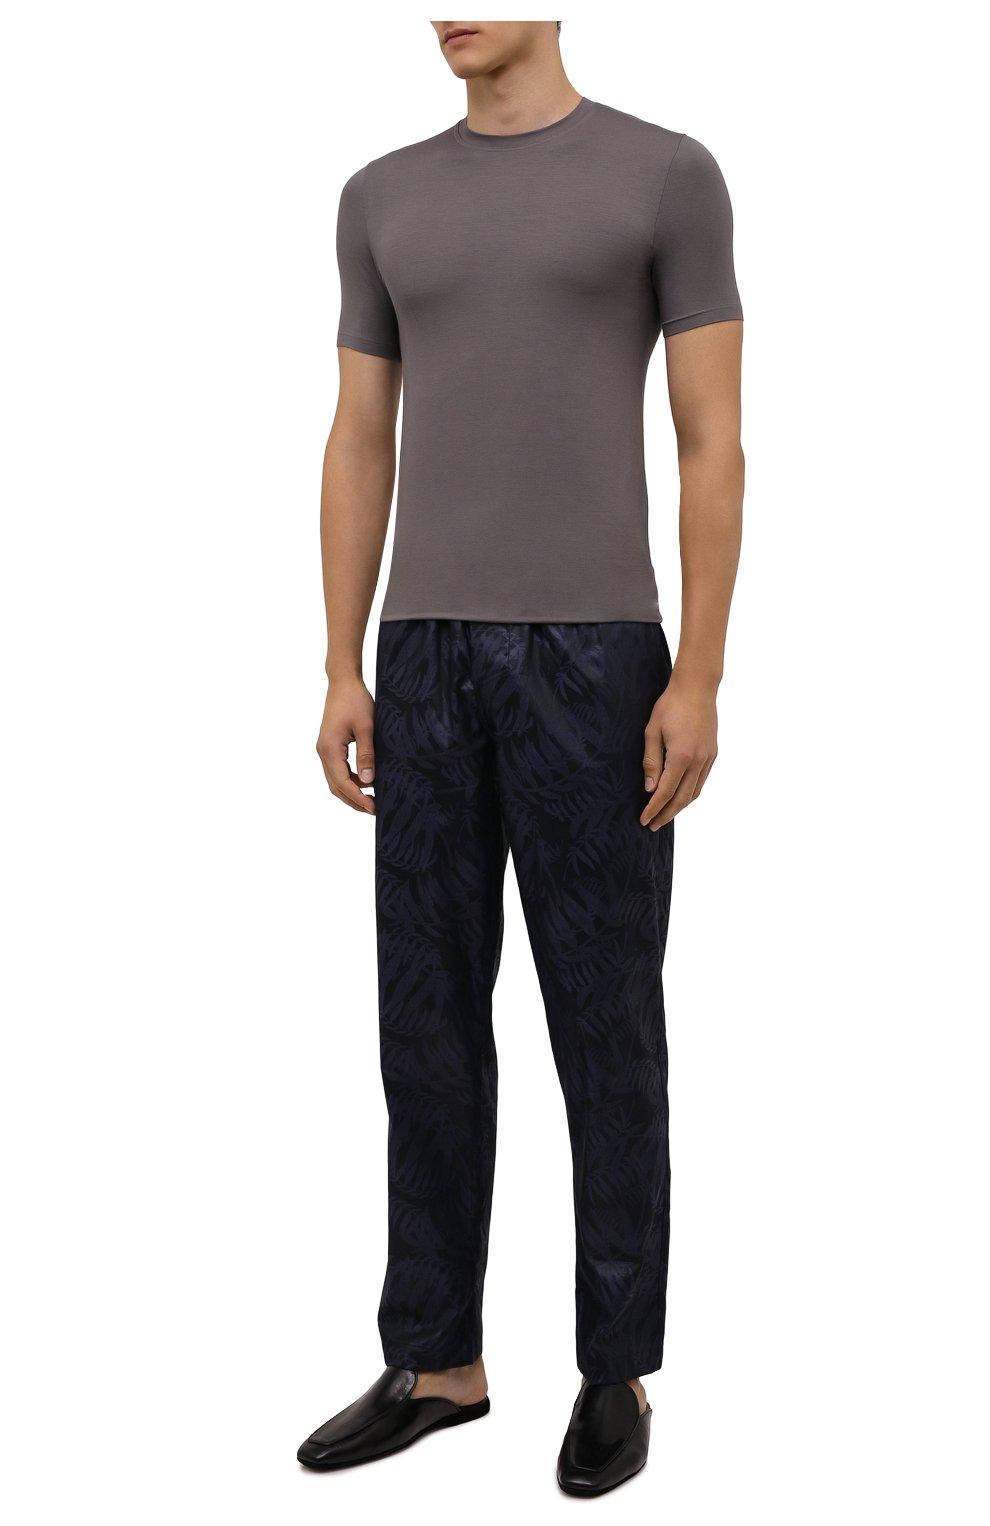 Мужская футболка ZIMMERLI светло-серого цвета, арт. 700-1341   Фото 2 (Кросс-КТ: домашняя одежда; Рукава: Короткие; Материал внешний: Синтетический материал; Длина (для топов): Стандартные)